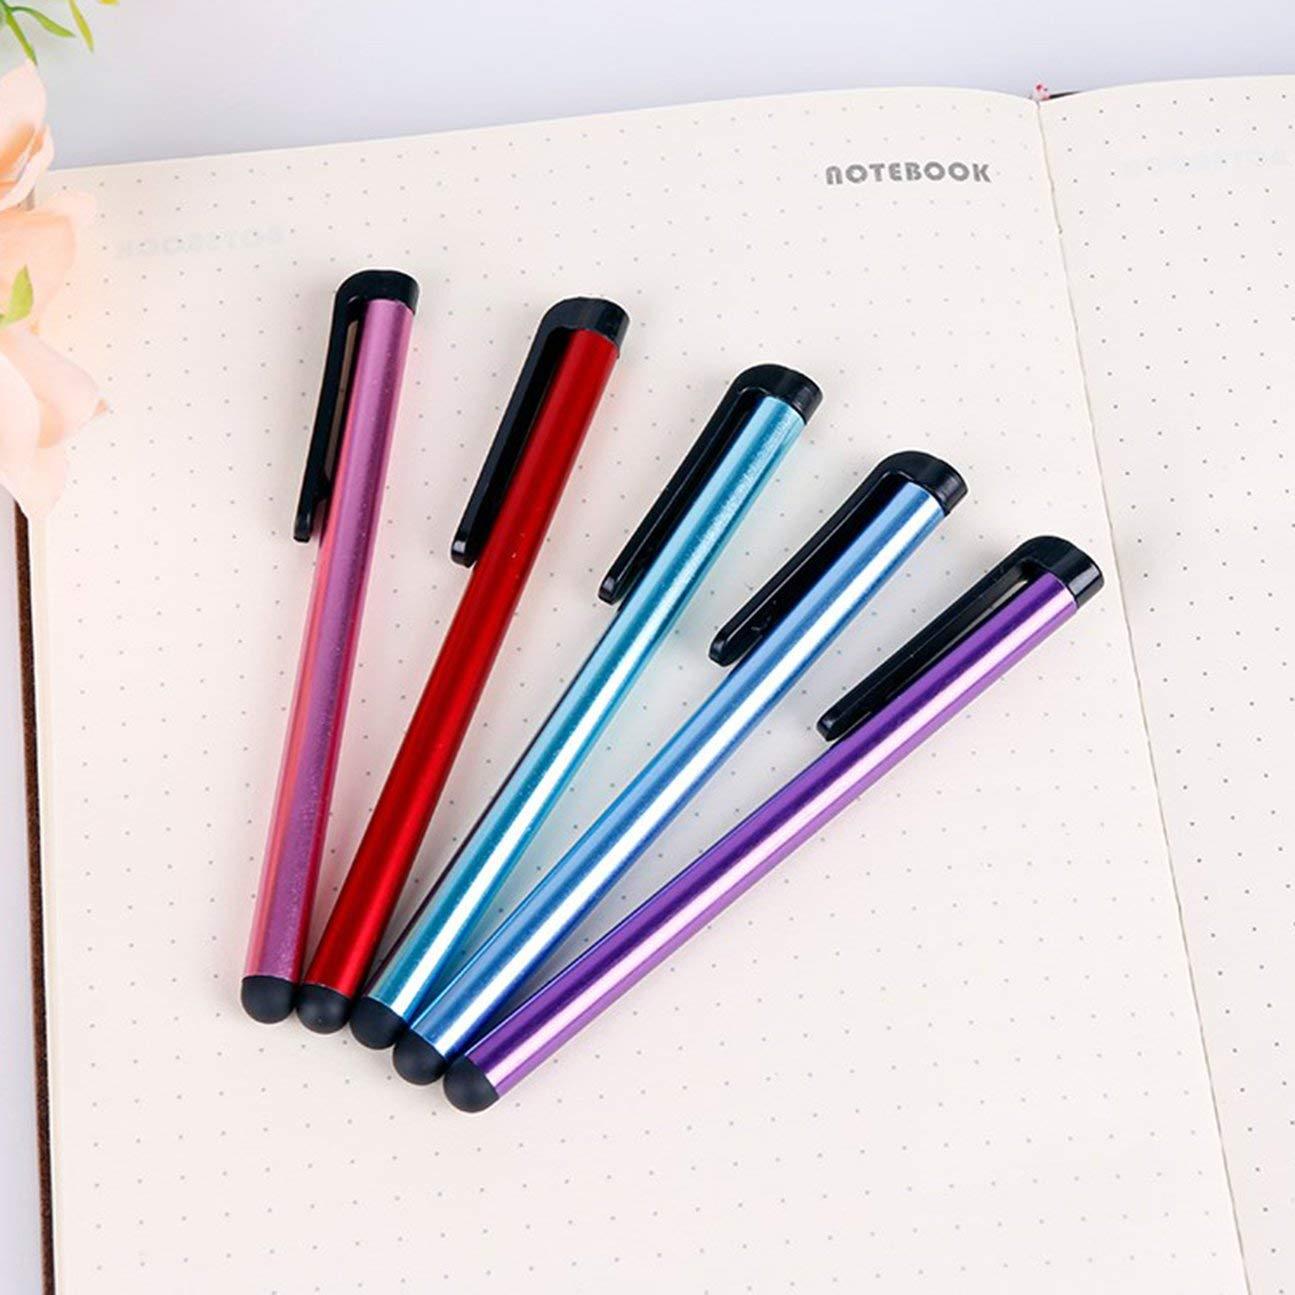 MachinYesity 10 Pezzi Universale Capacitivo Penna Stilo 7.0 Universale Stilo Touchscreen Penne Colore Casuale per iPad Telefono Cellulare Casuale